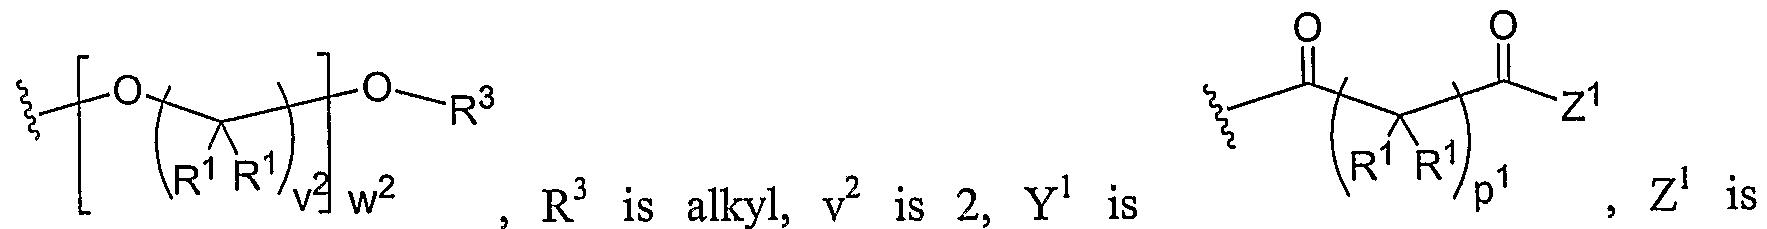 Figure imgf000384_0004